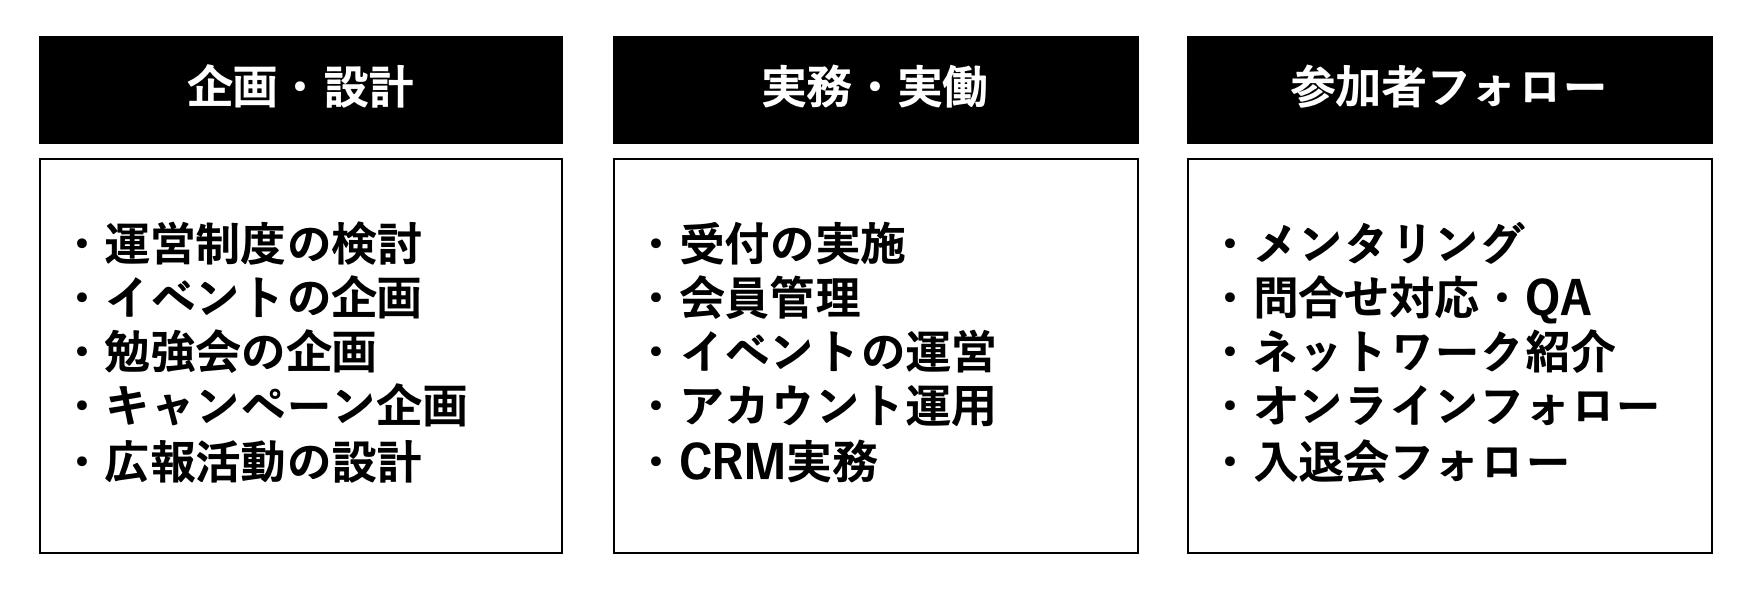 コミュニティ業務.png